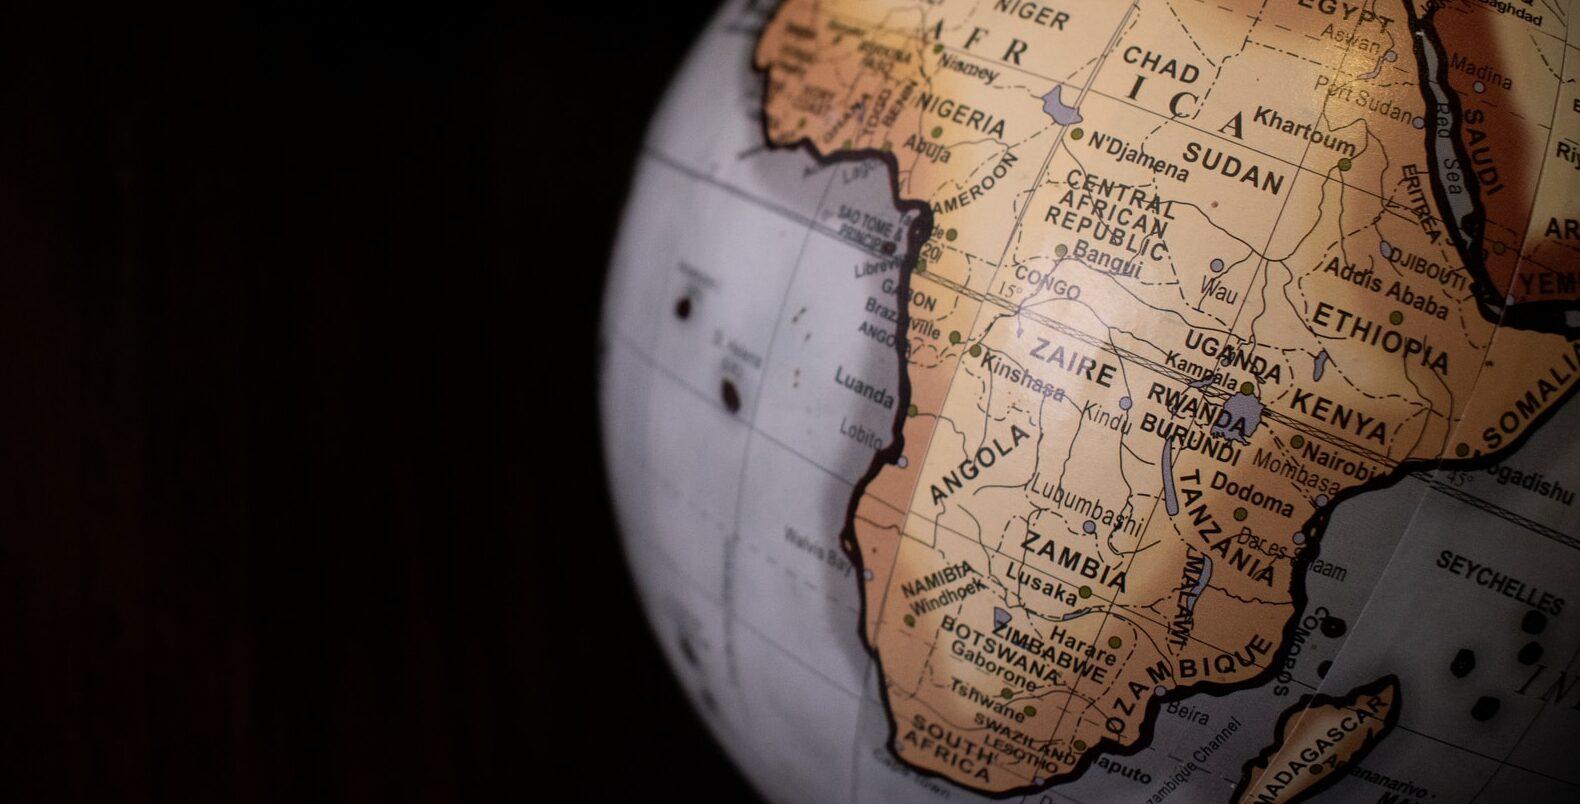 Ajuda externa e saúde: o caso de Ruanda